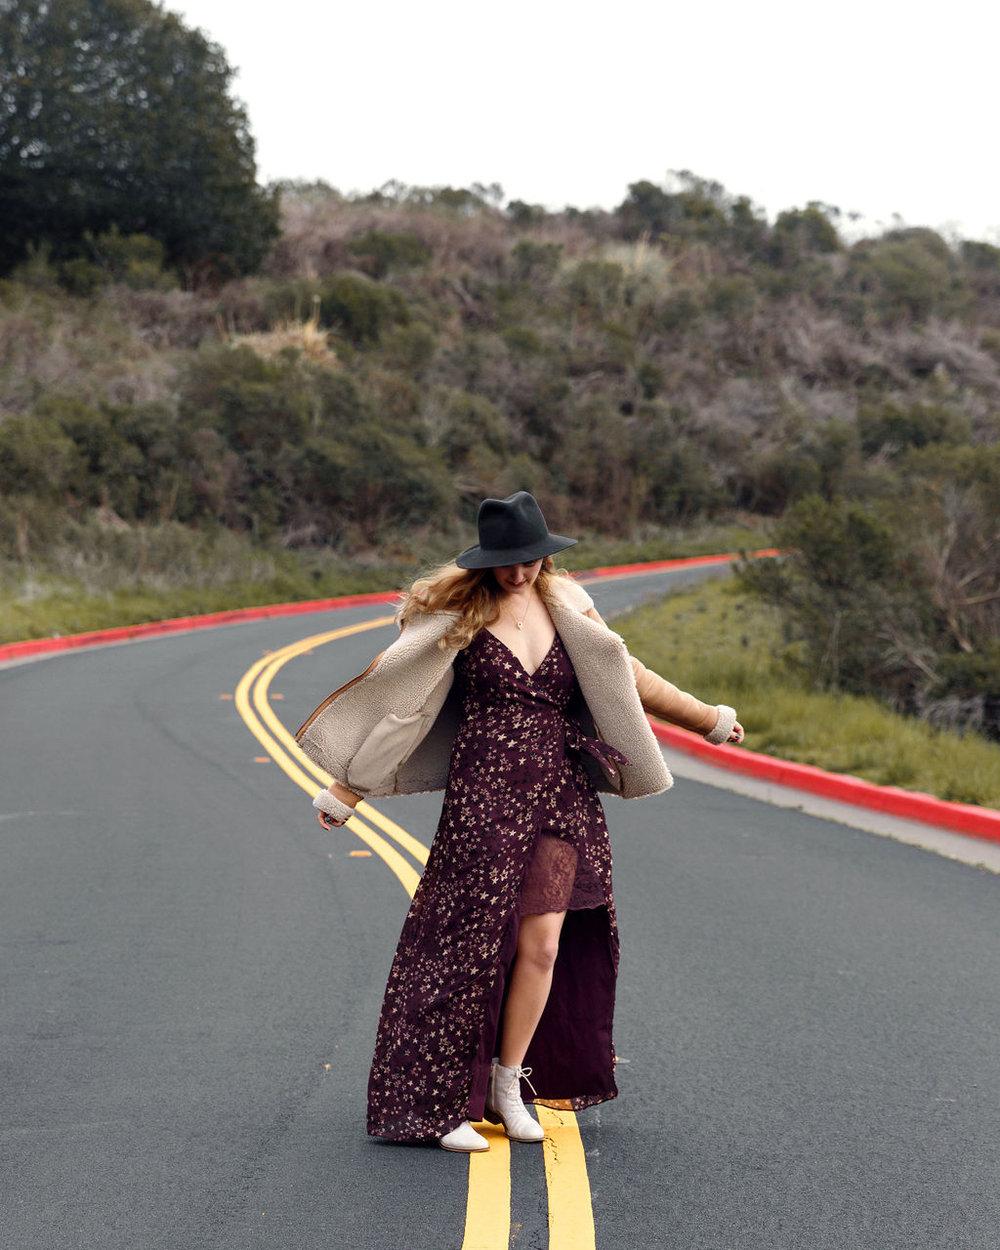 SF Based Travel Blogger